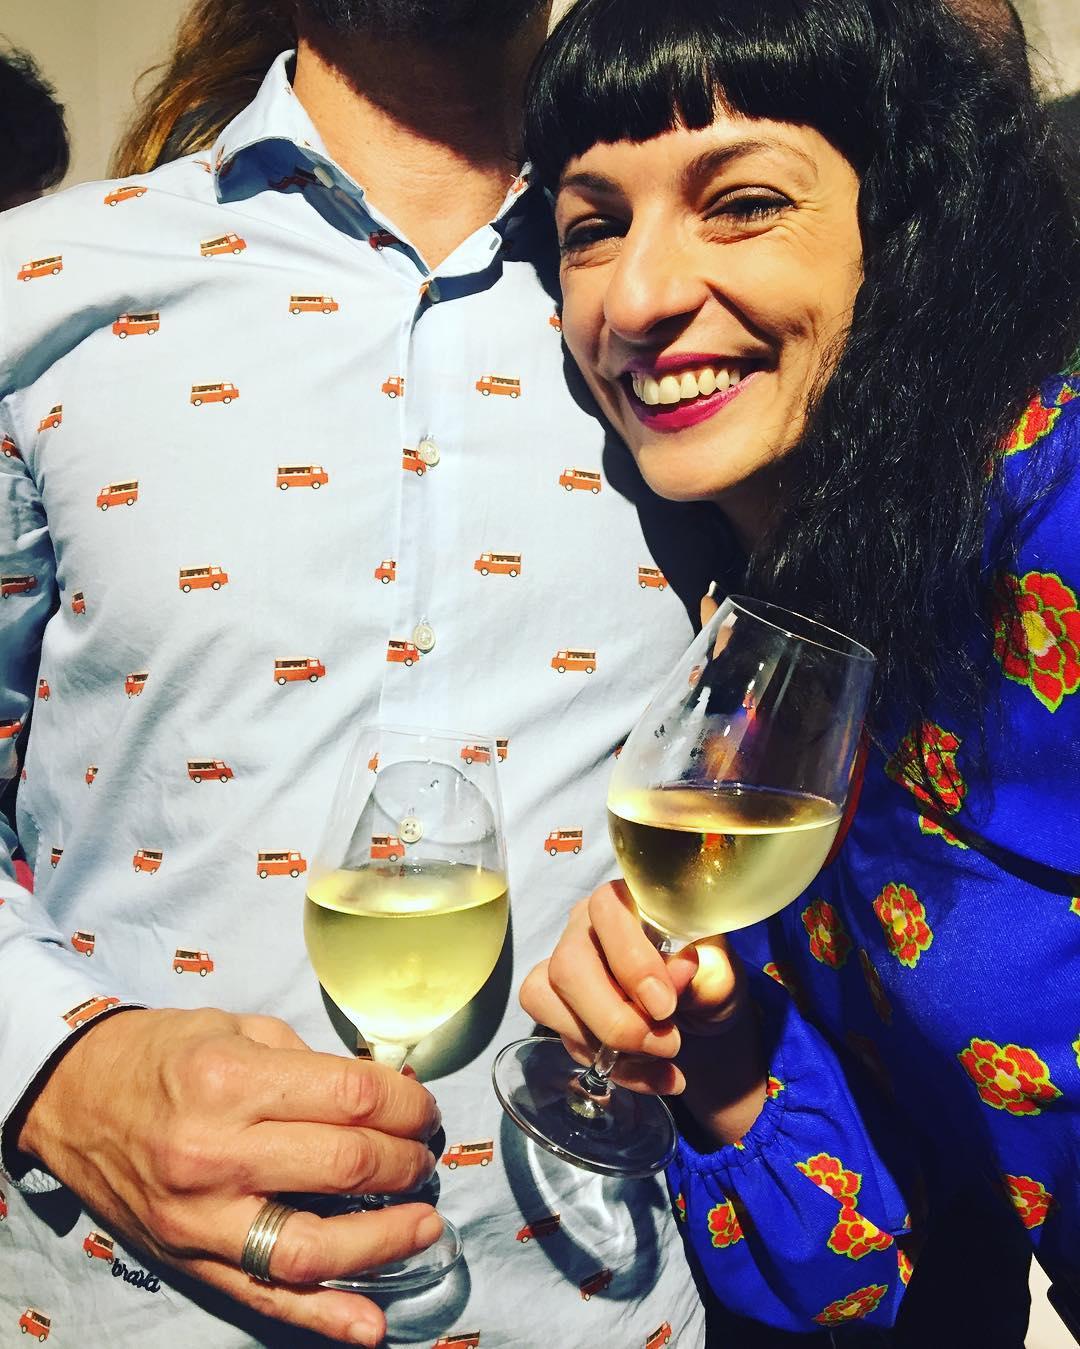 Os presento al CM de @clipsterbcn y van vestidos iguales, camisa @bravafabrics ;))